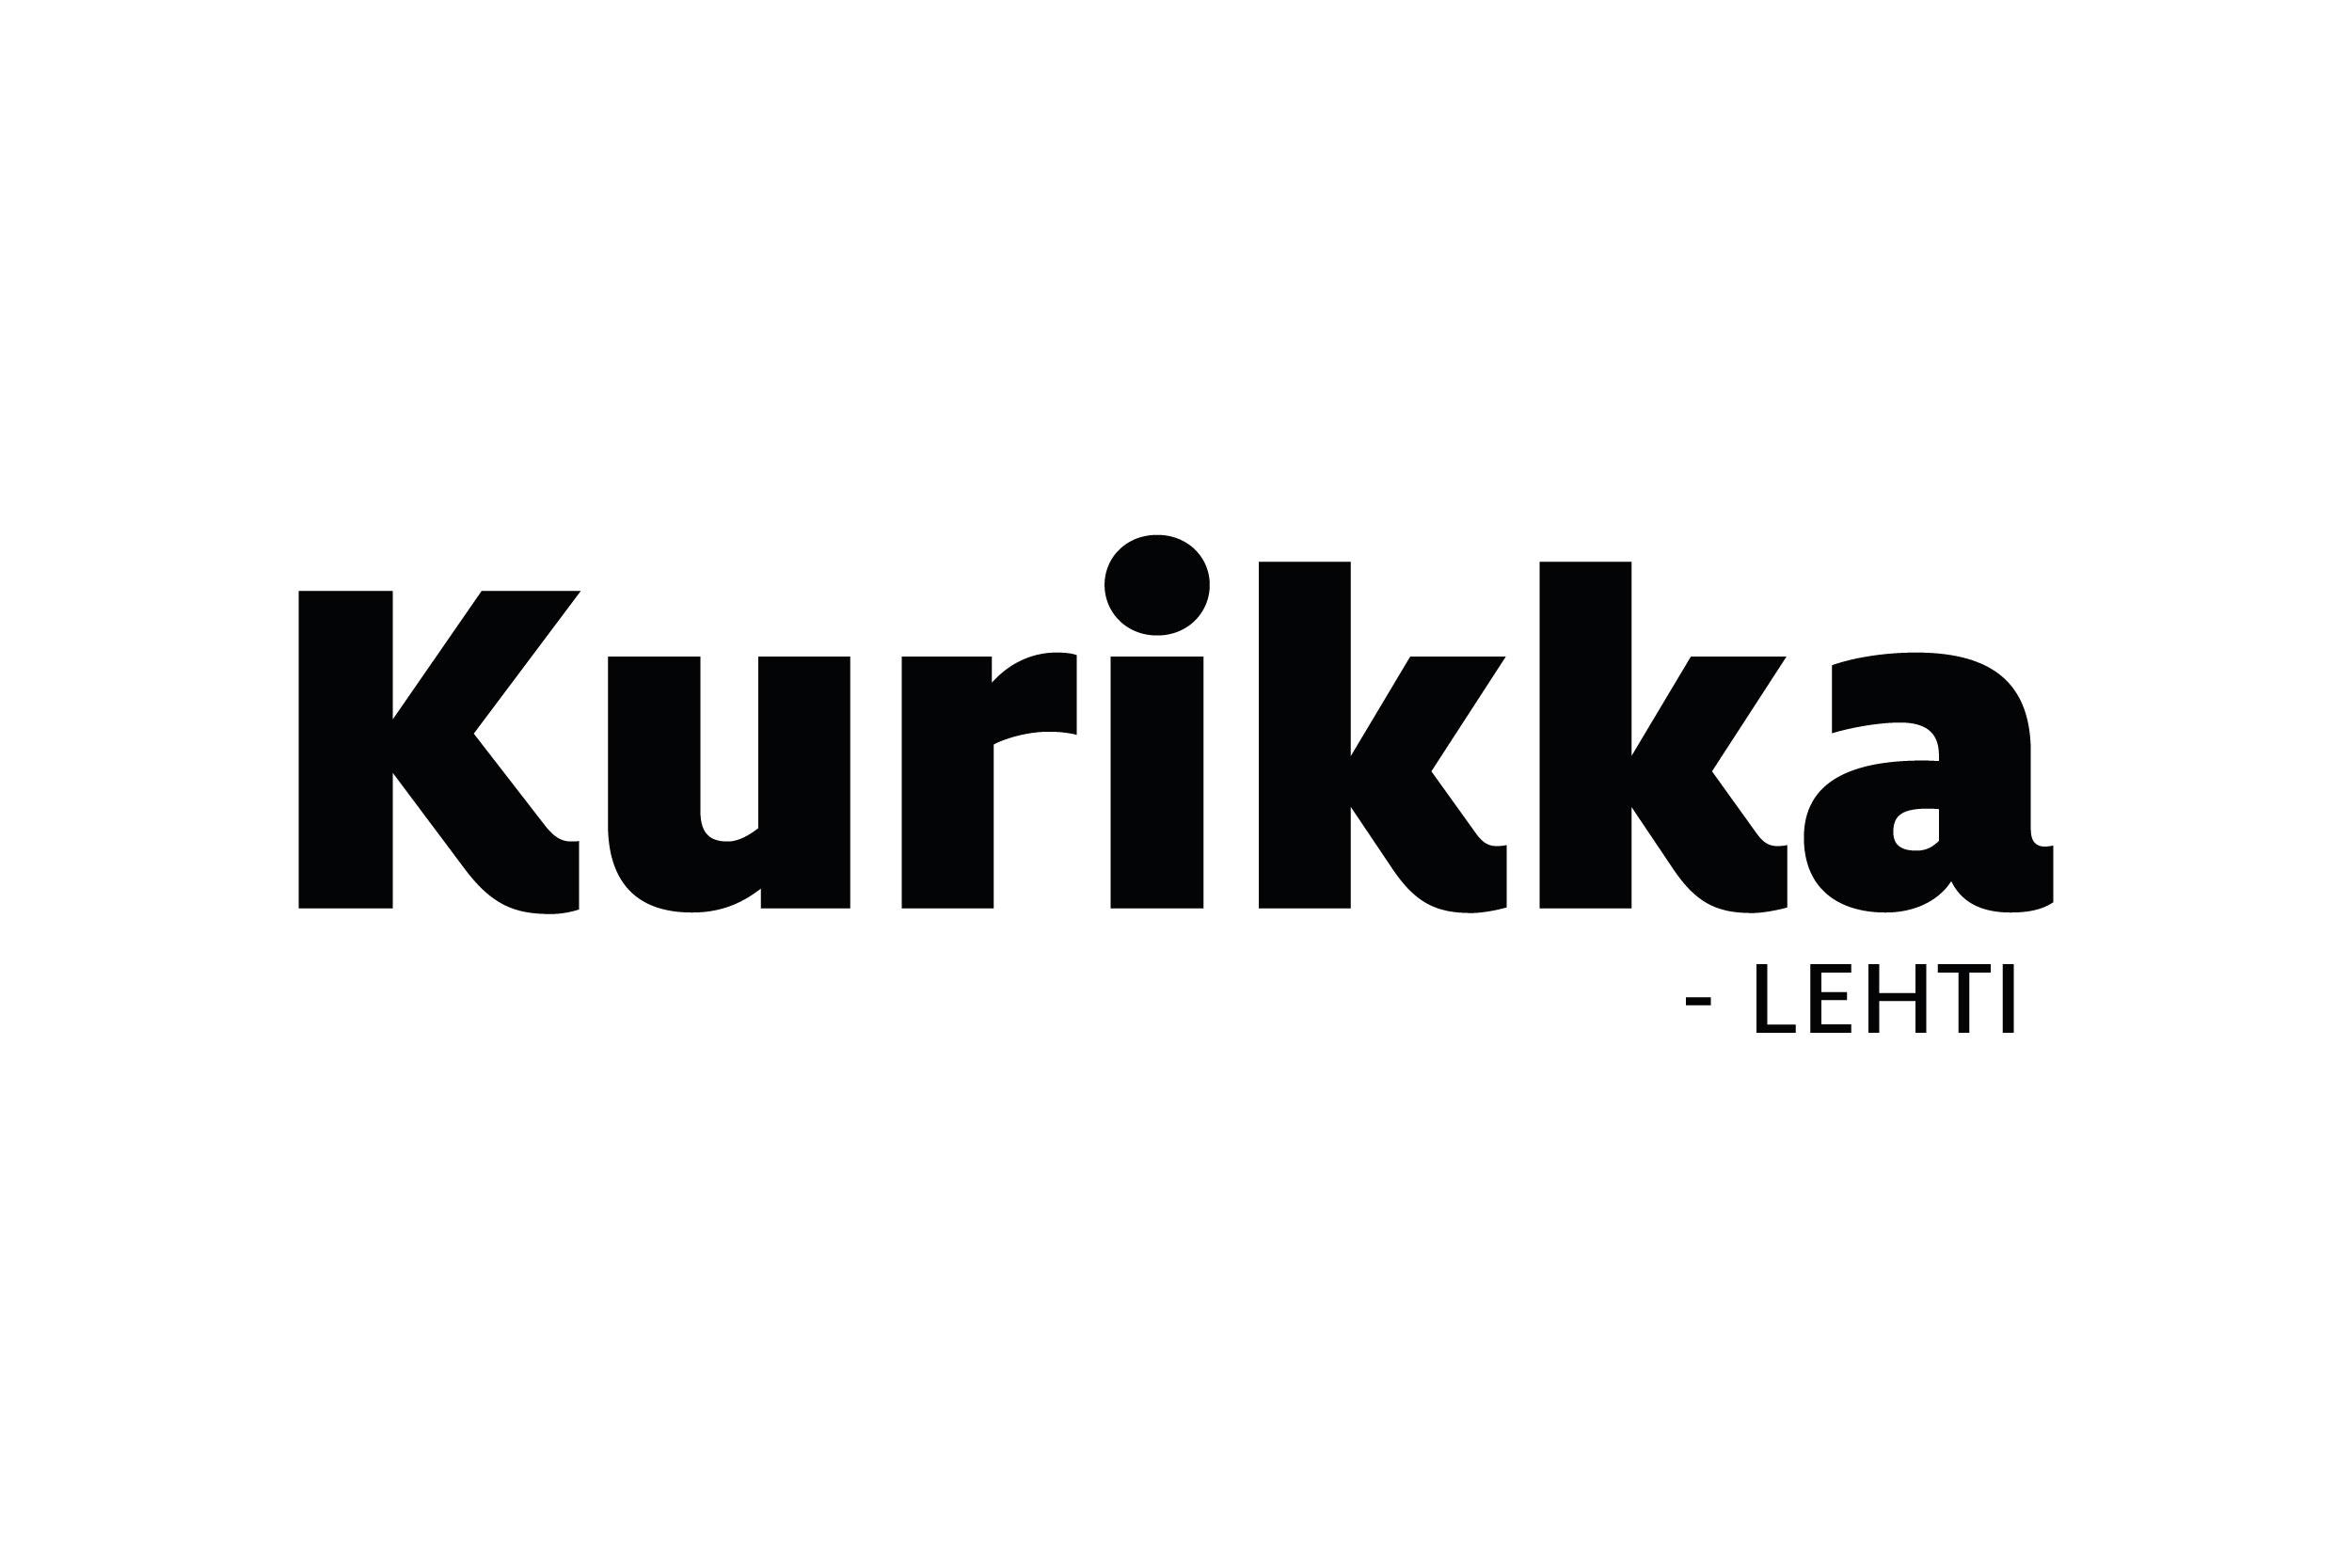 Kurikka-lehti logo